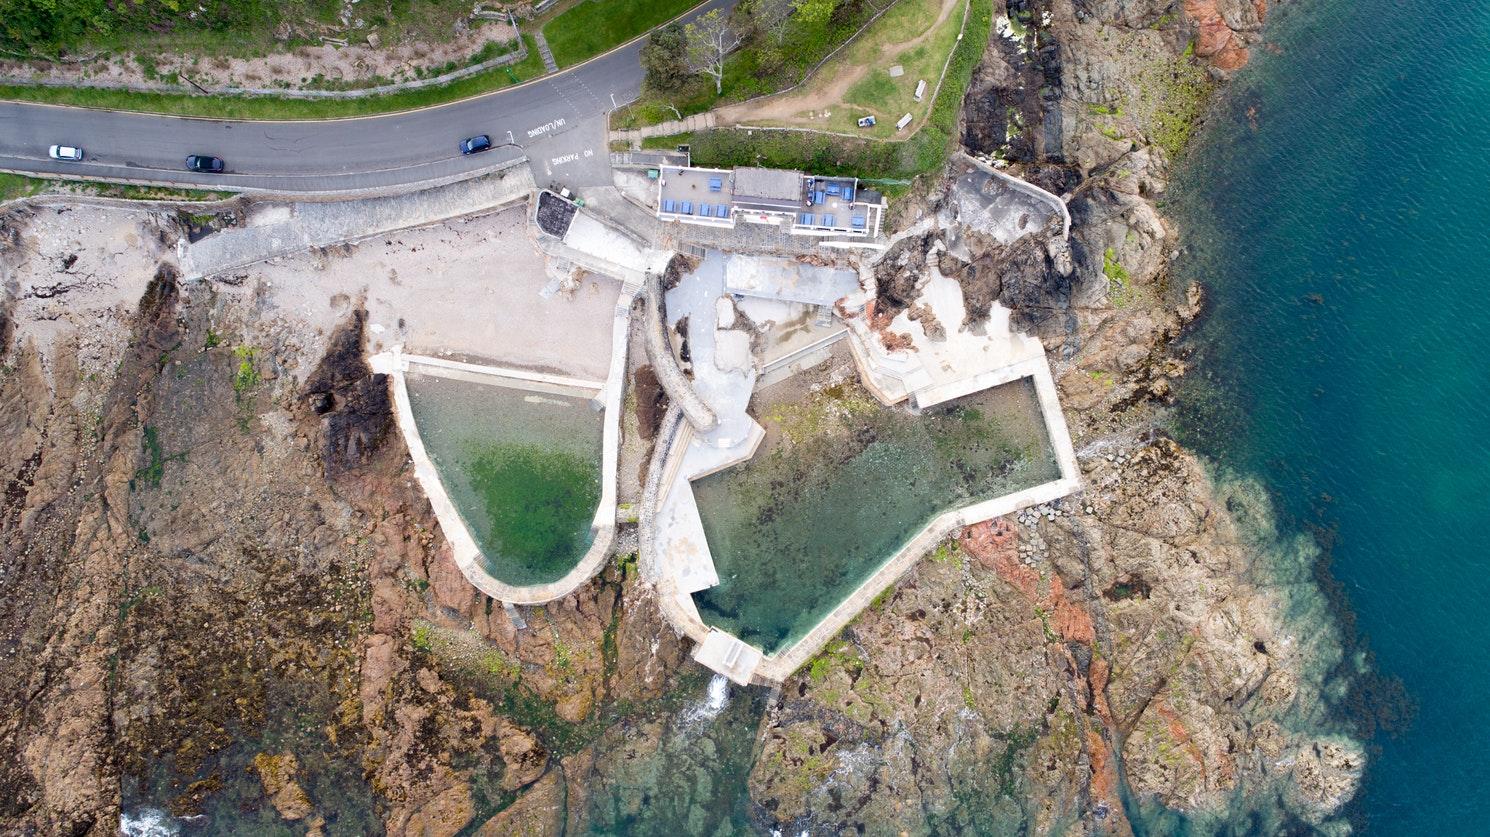 Aerial shot of cliffside property